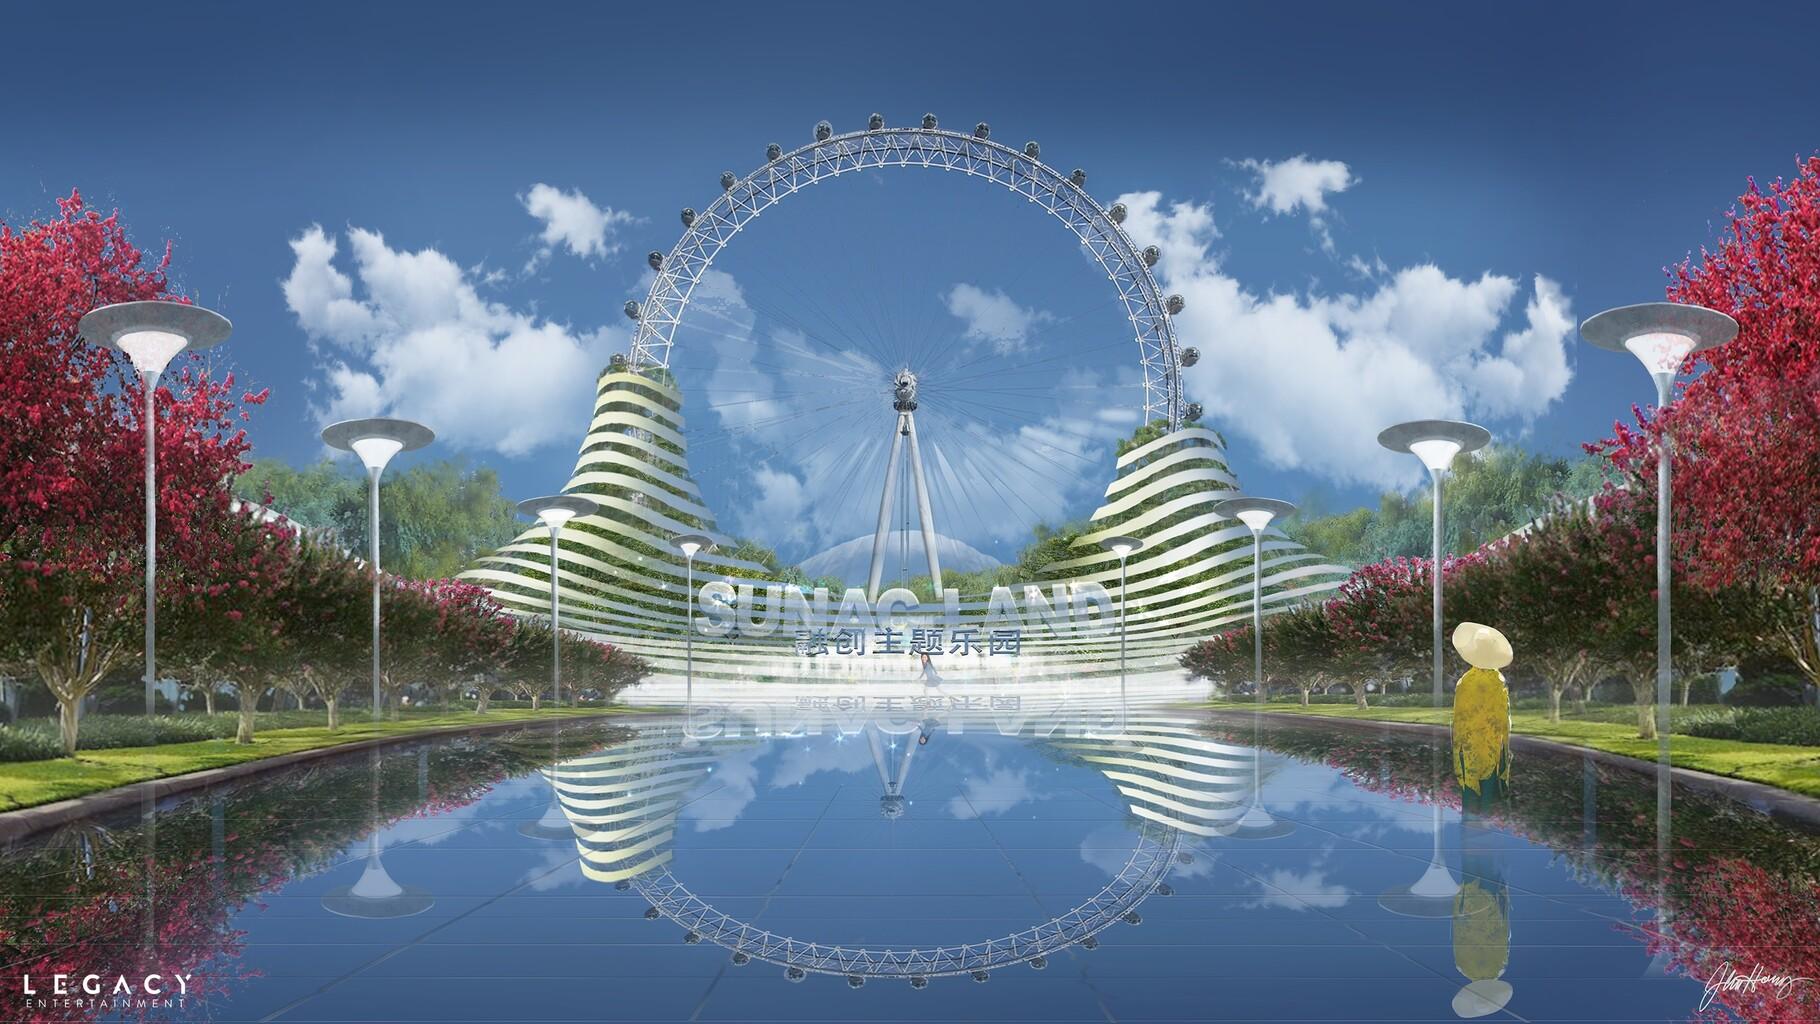 hangzhou-bay-sunac-tourism-city-81942300.jpeg